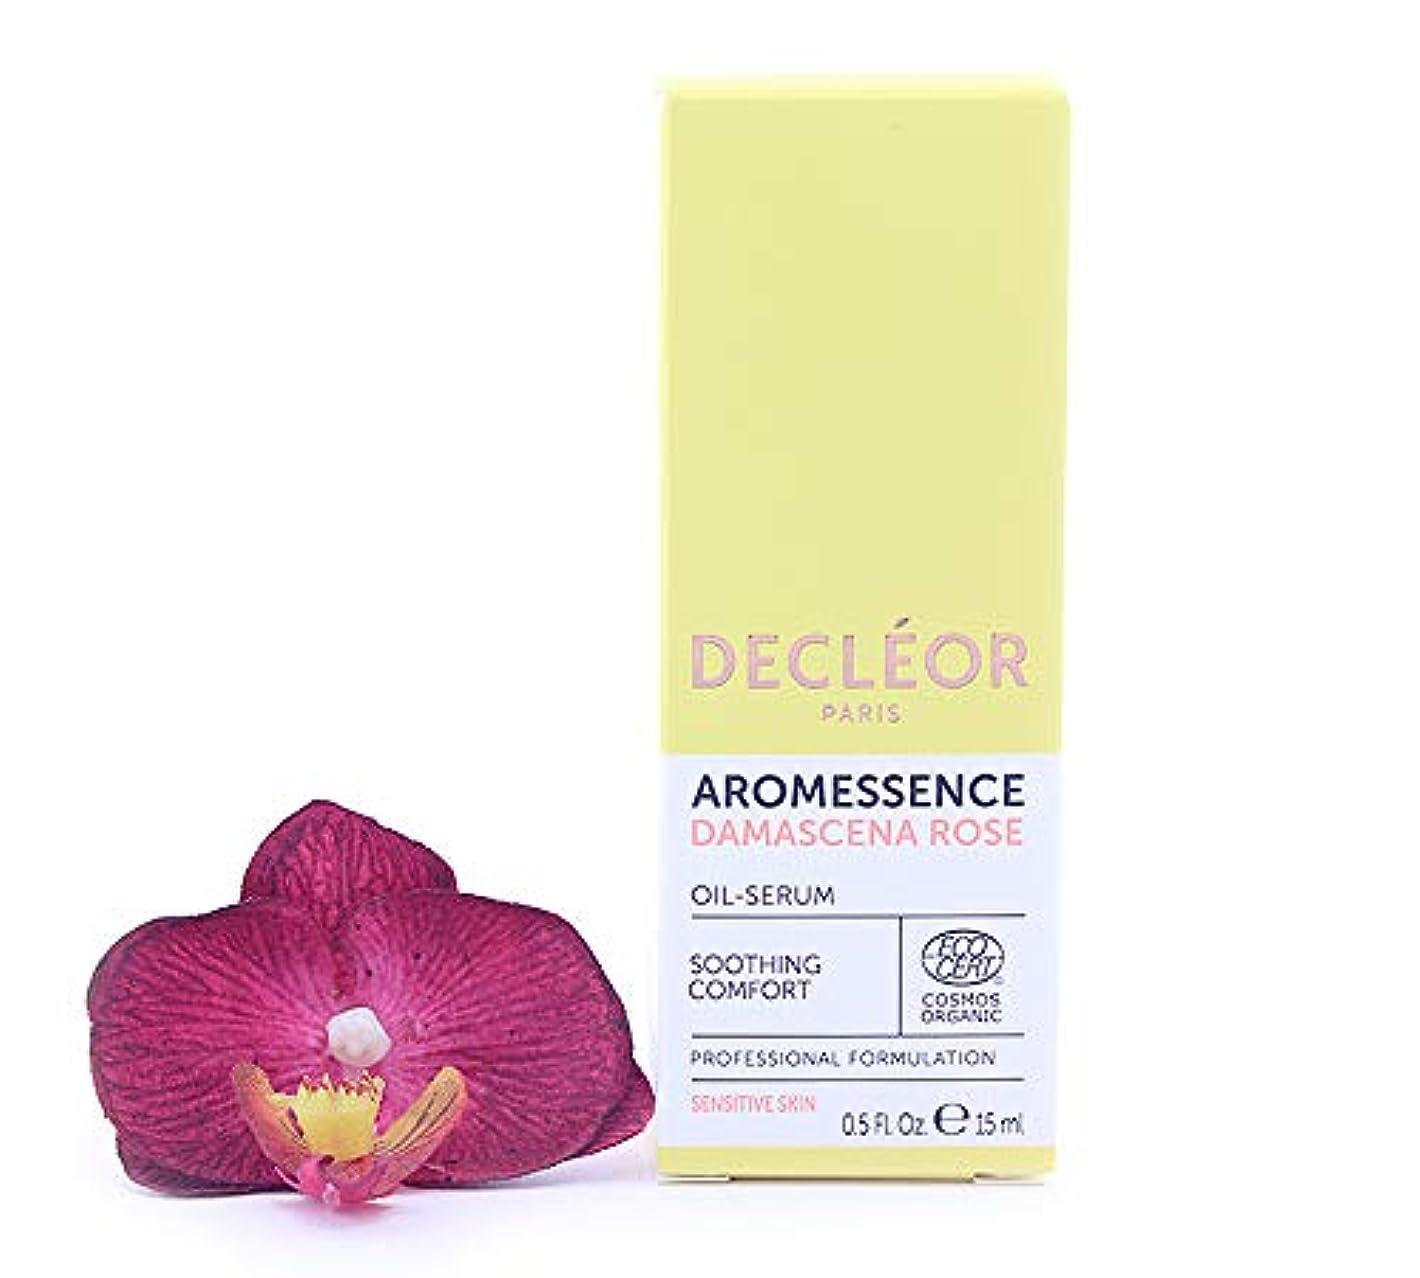 トピックうなずく騒デクレオール Aromessence Rose D'Orient (Damascena Rose) Soothing Comfort Oil Serum 15ml/0.5oz並行輸入品